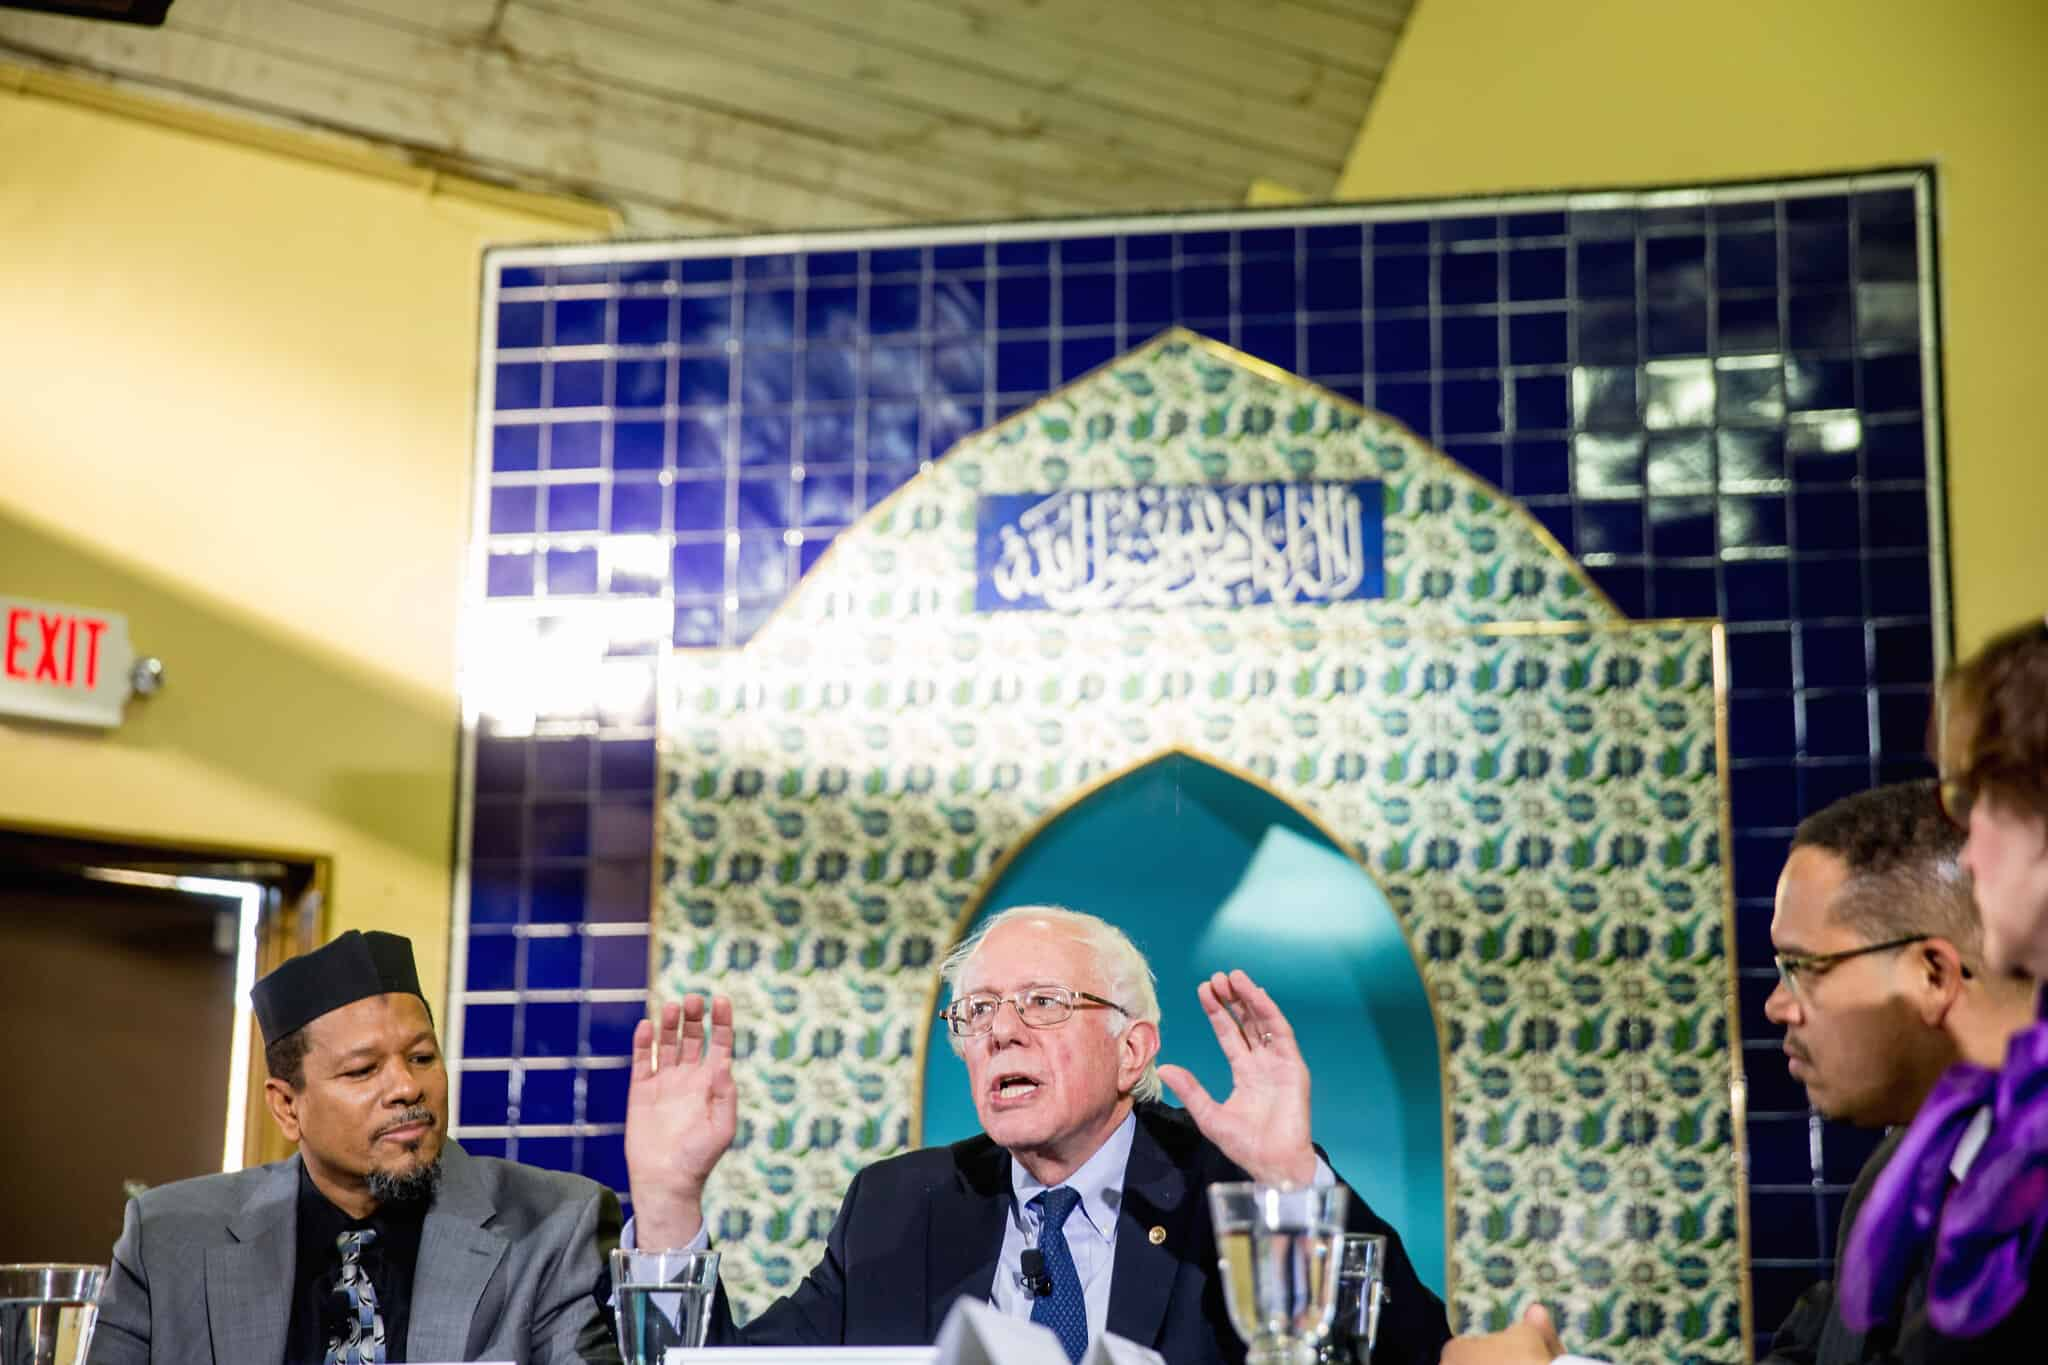 ברני סנדרס מתארח במסגד בוושינגטון, ארכיון, 2015 (צילום: AP Photo/Andrew Harnik)